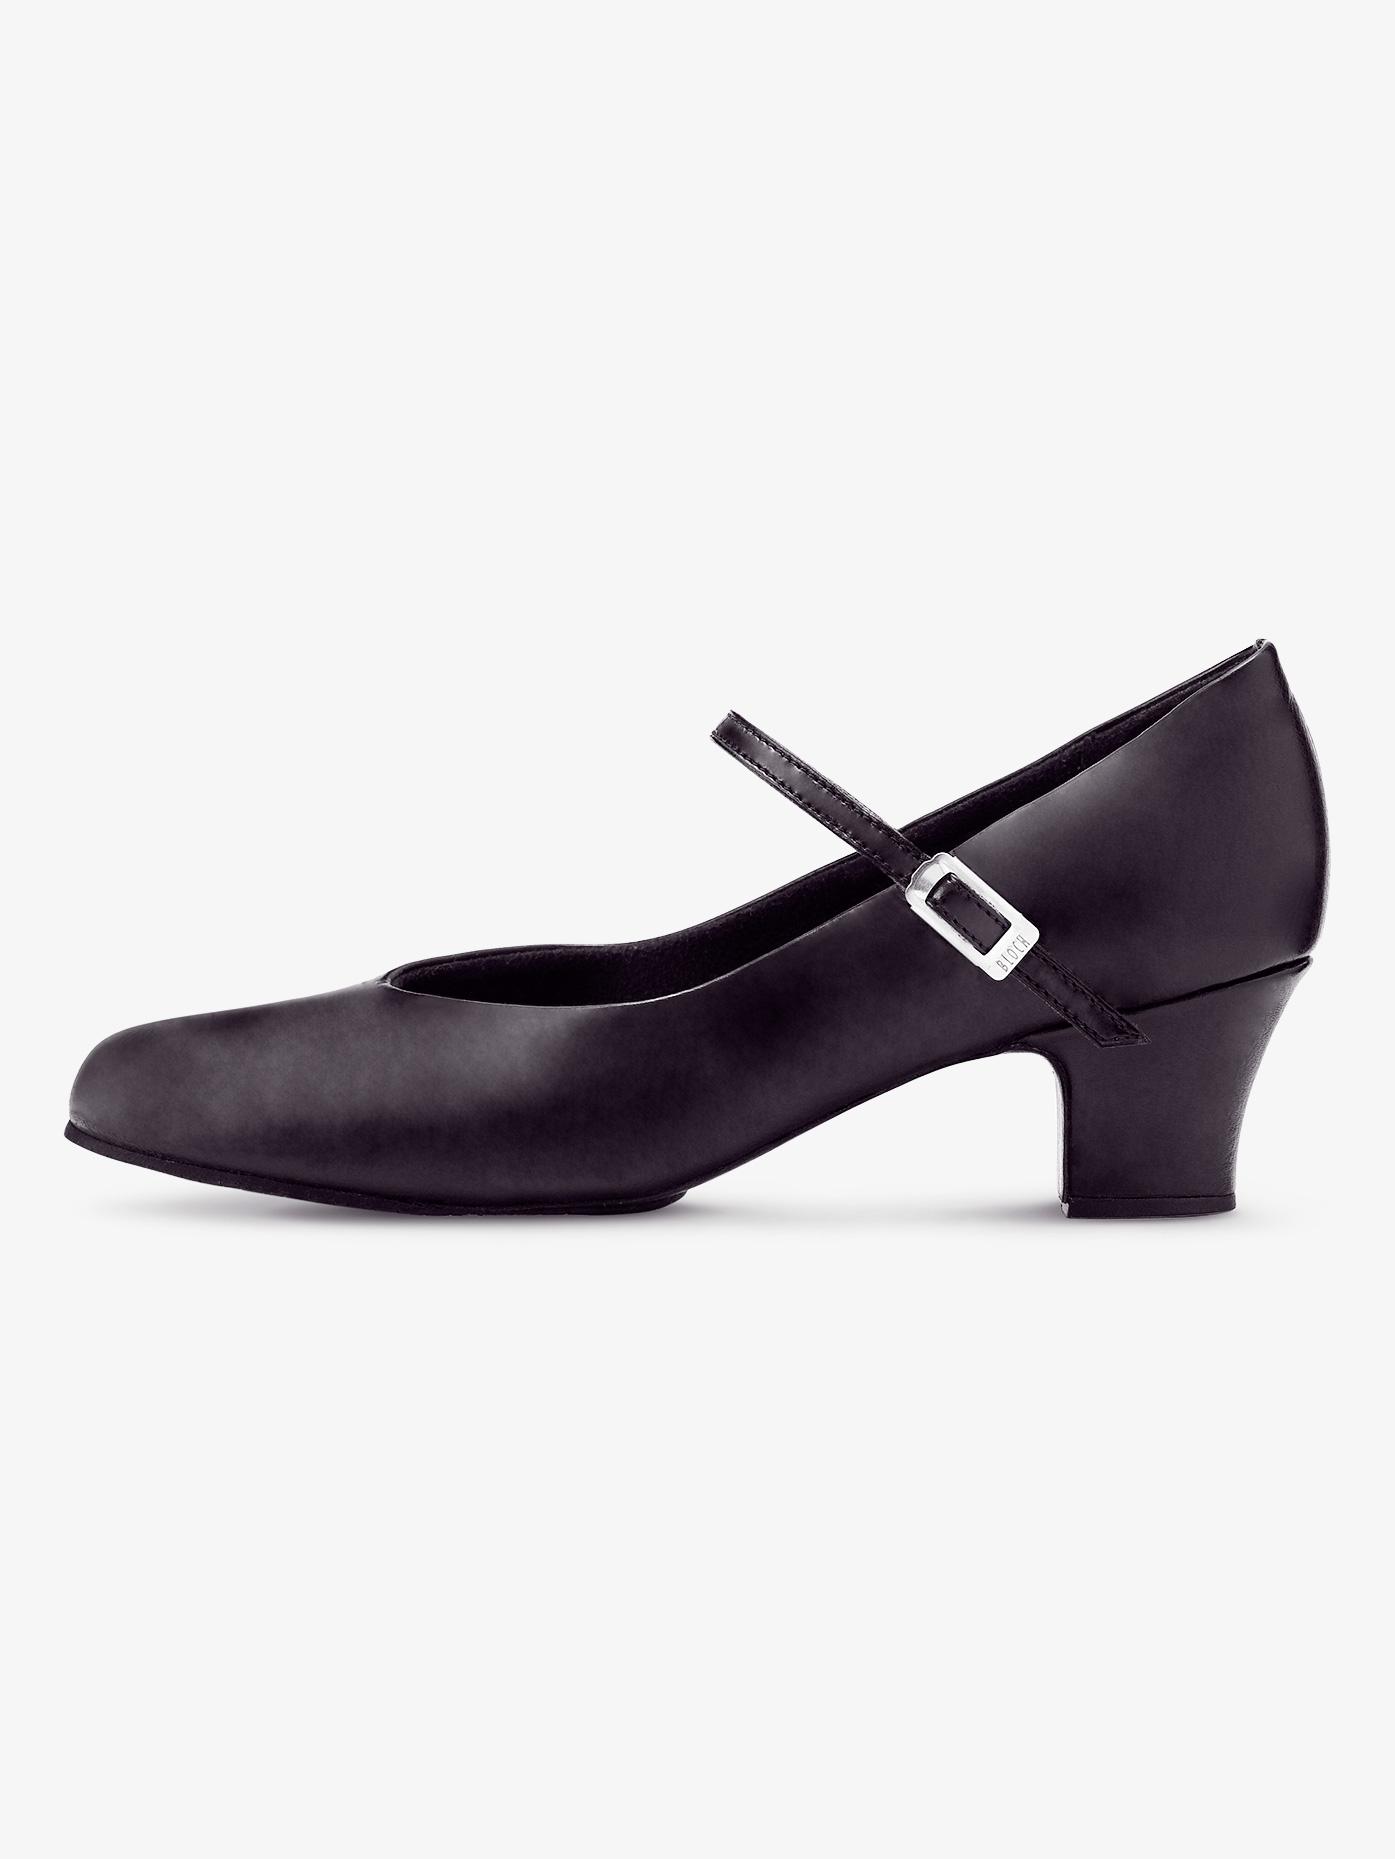 Bloch Broadway Lo Character Shoe 1.5 Heel S0379L